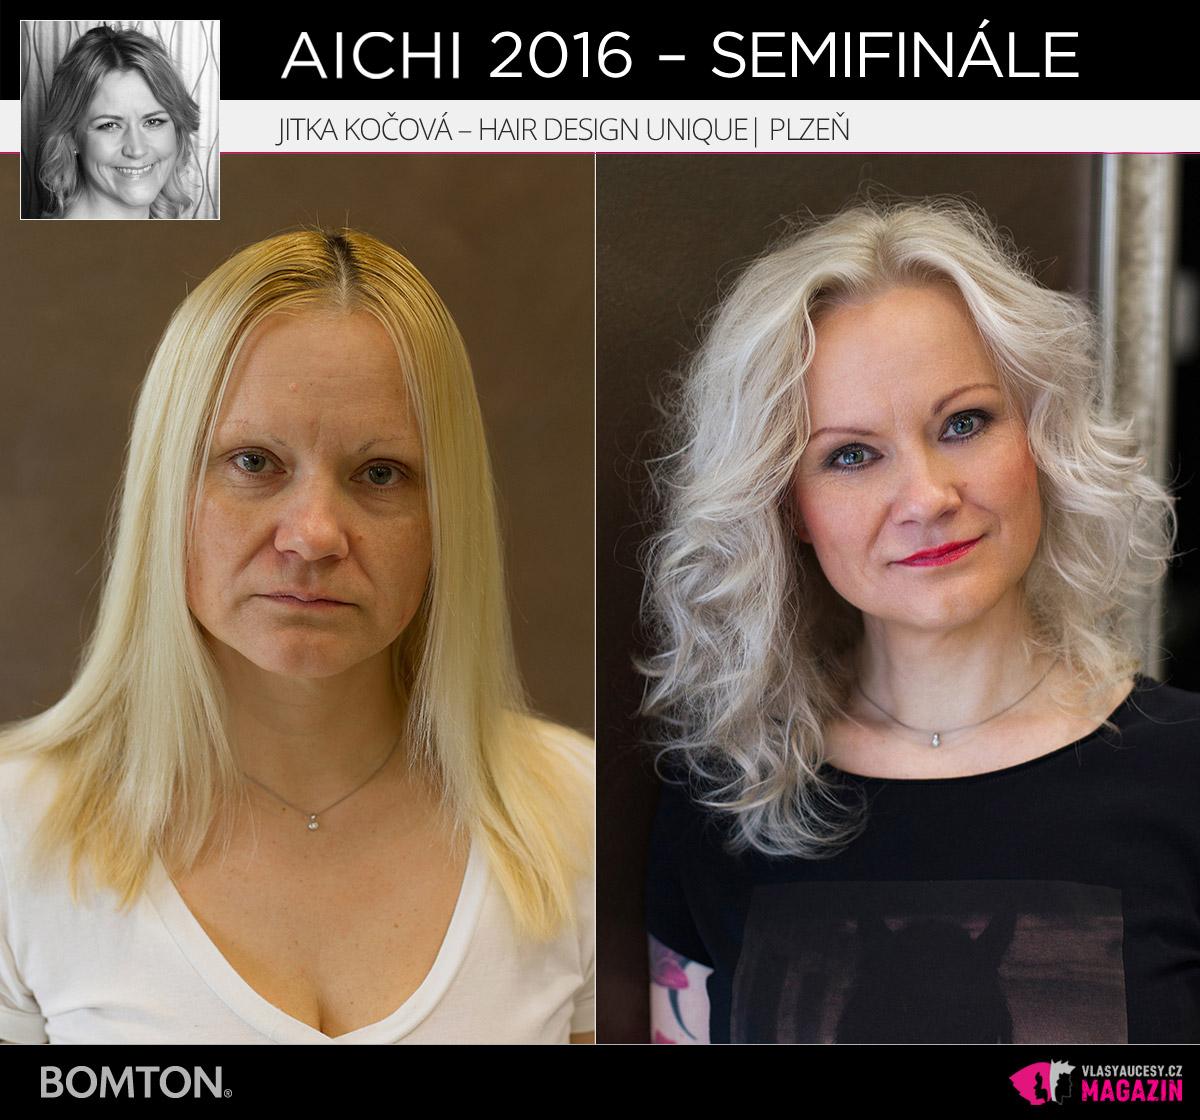 Nominační proměna AICHI 2016: Jitka Kočová, Hair Design Unique, Plzeň